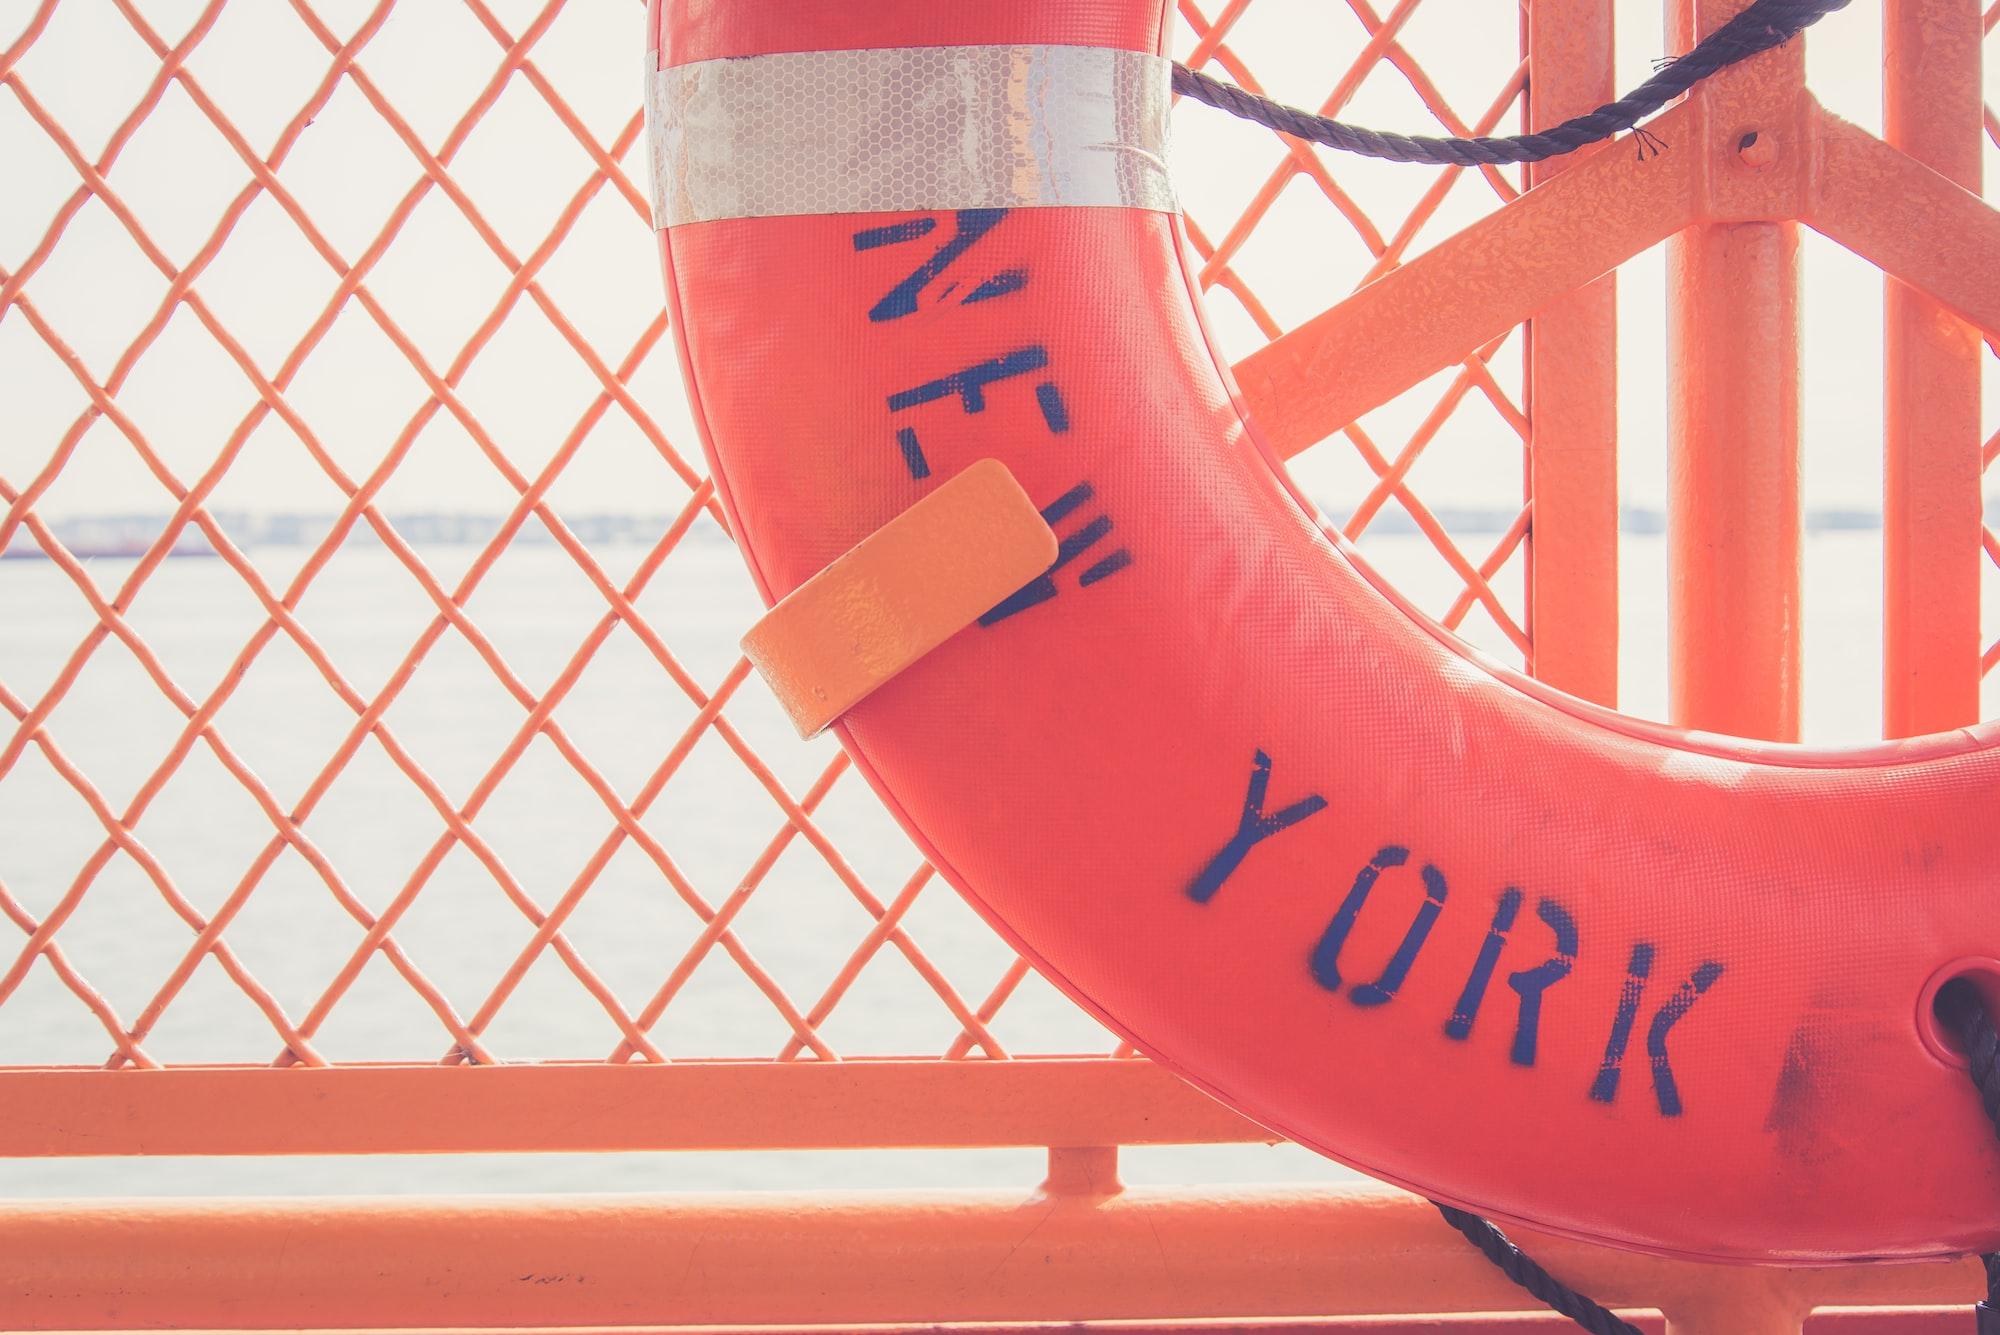 NYC life saver